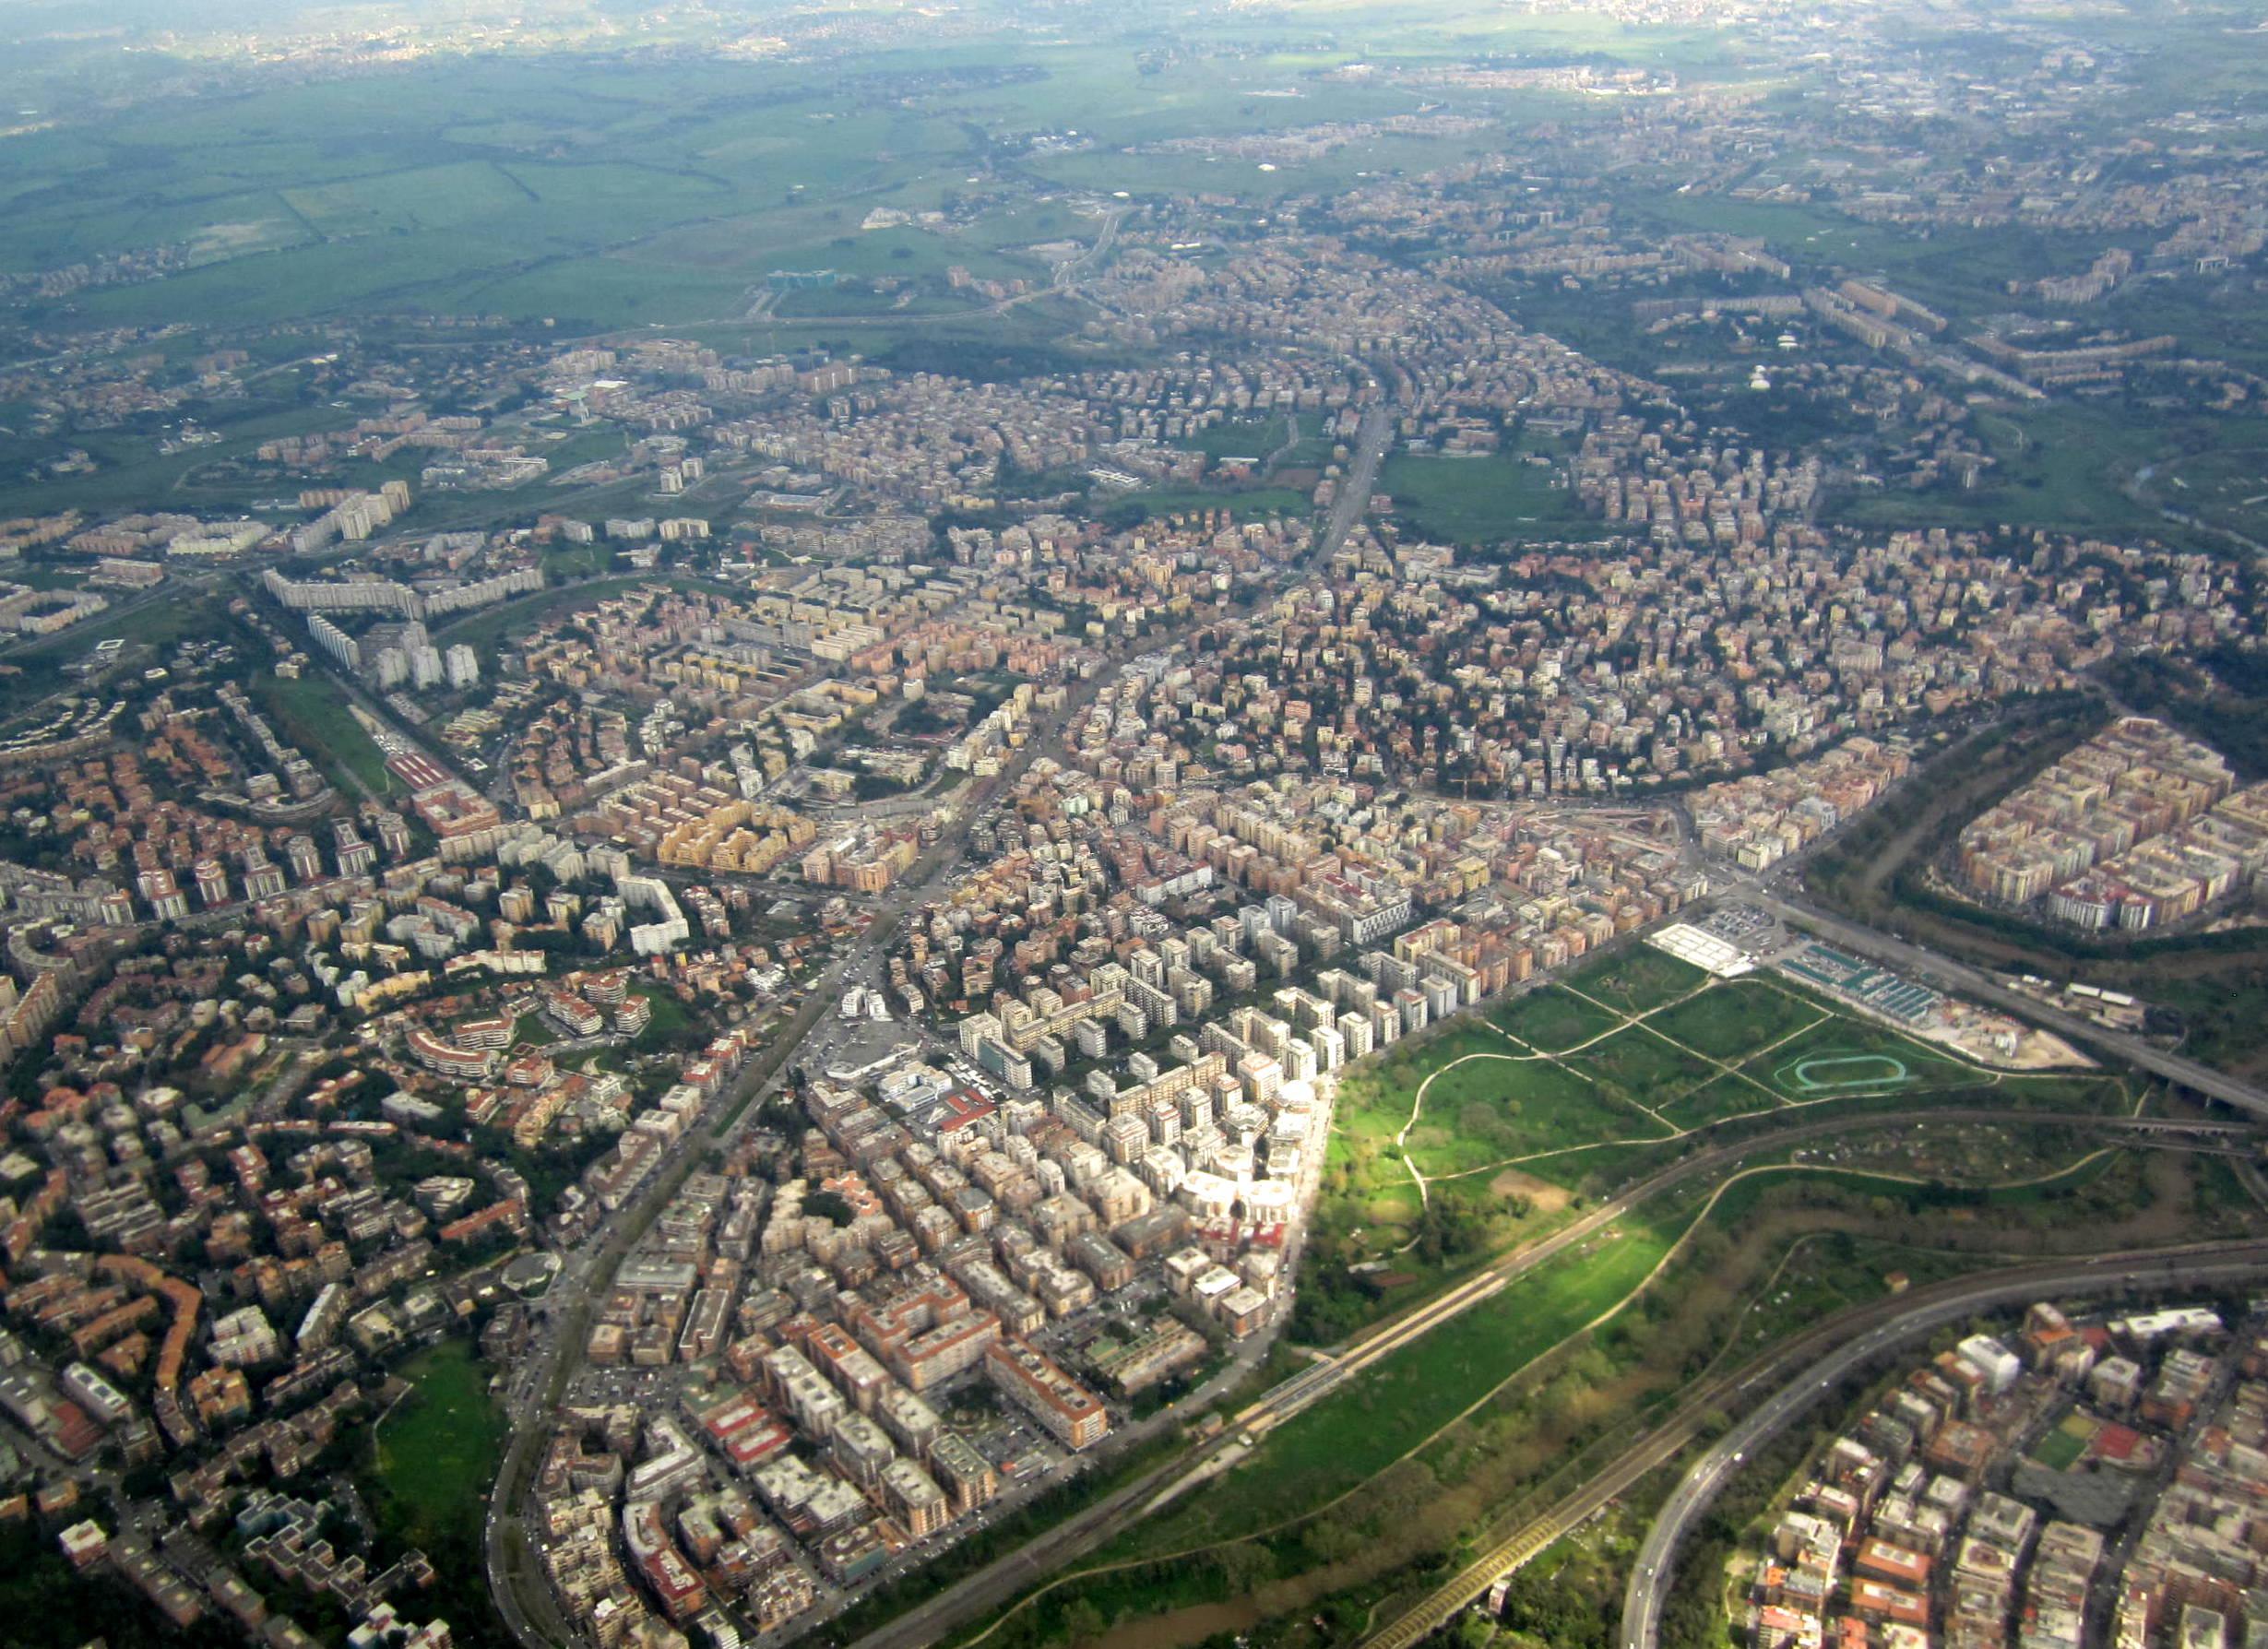 Montesacro